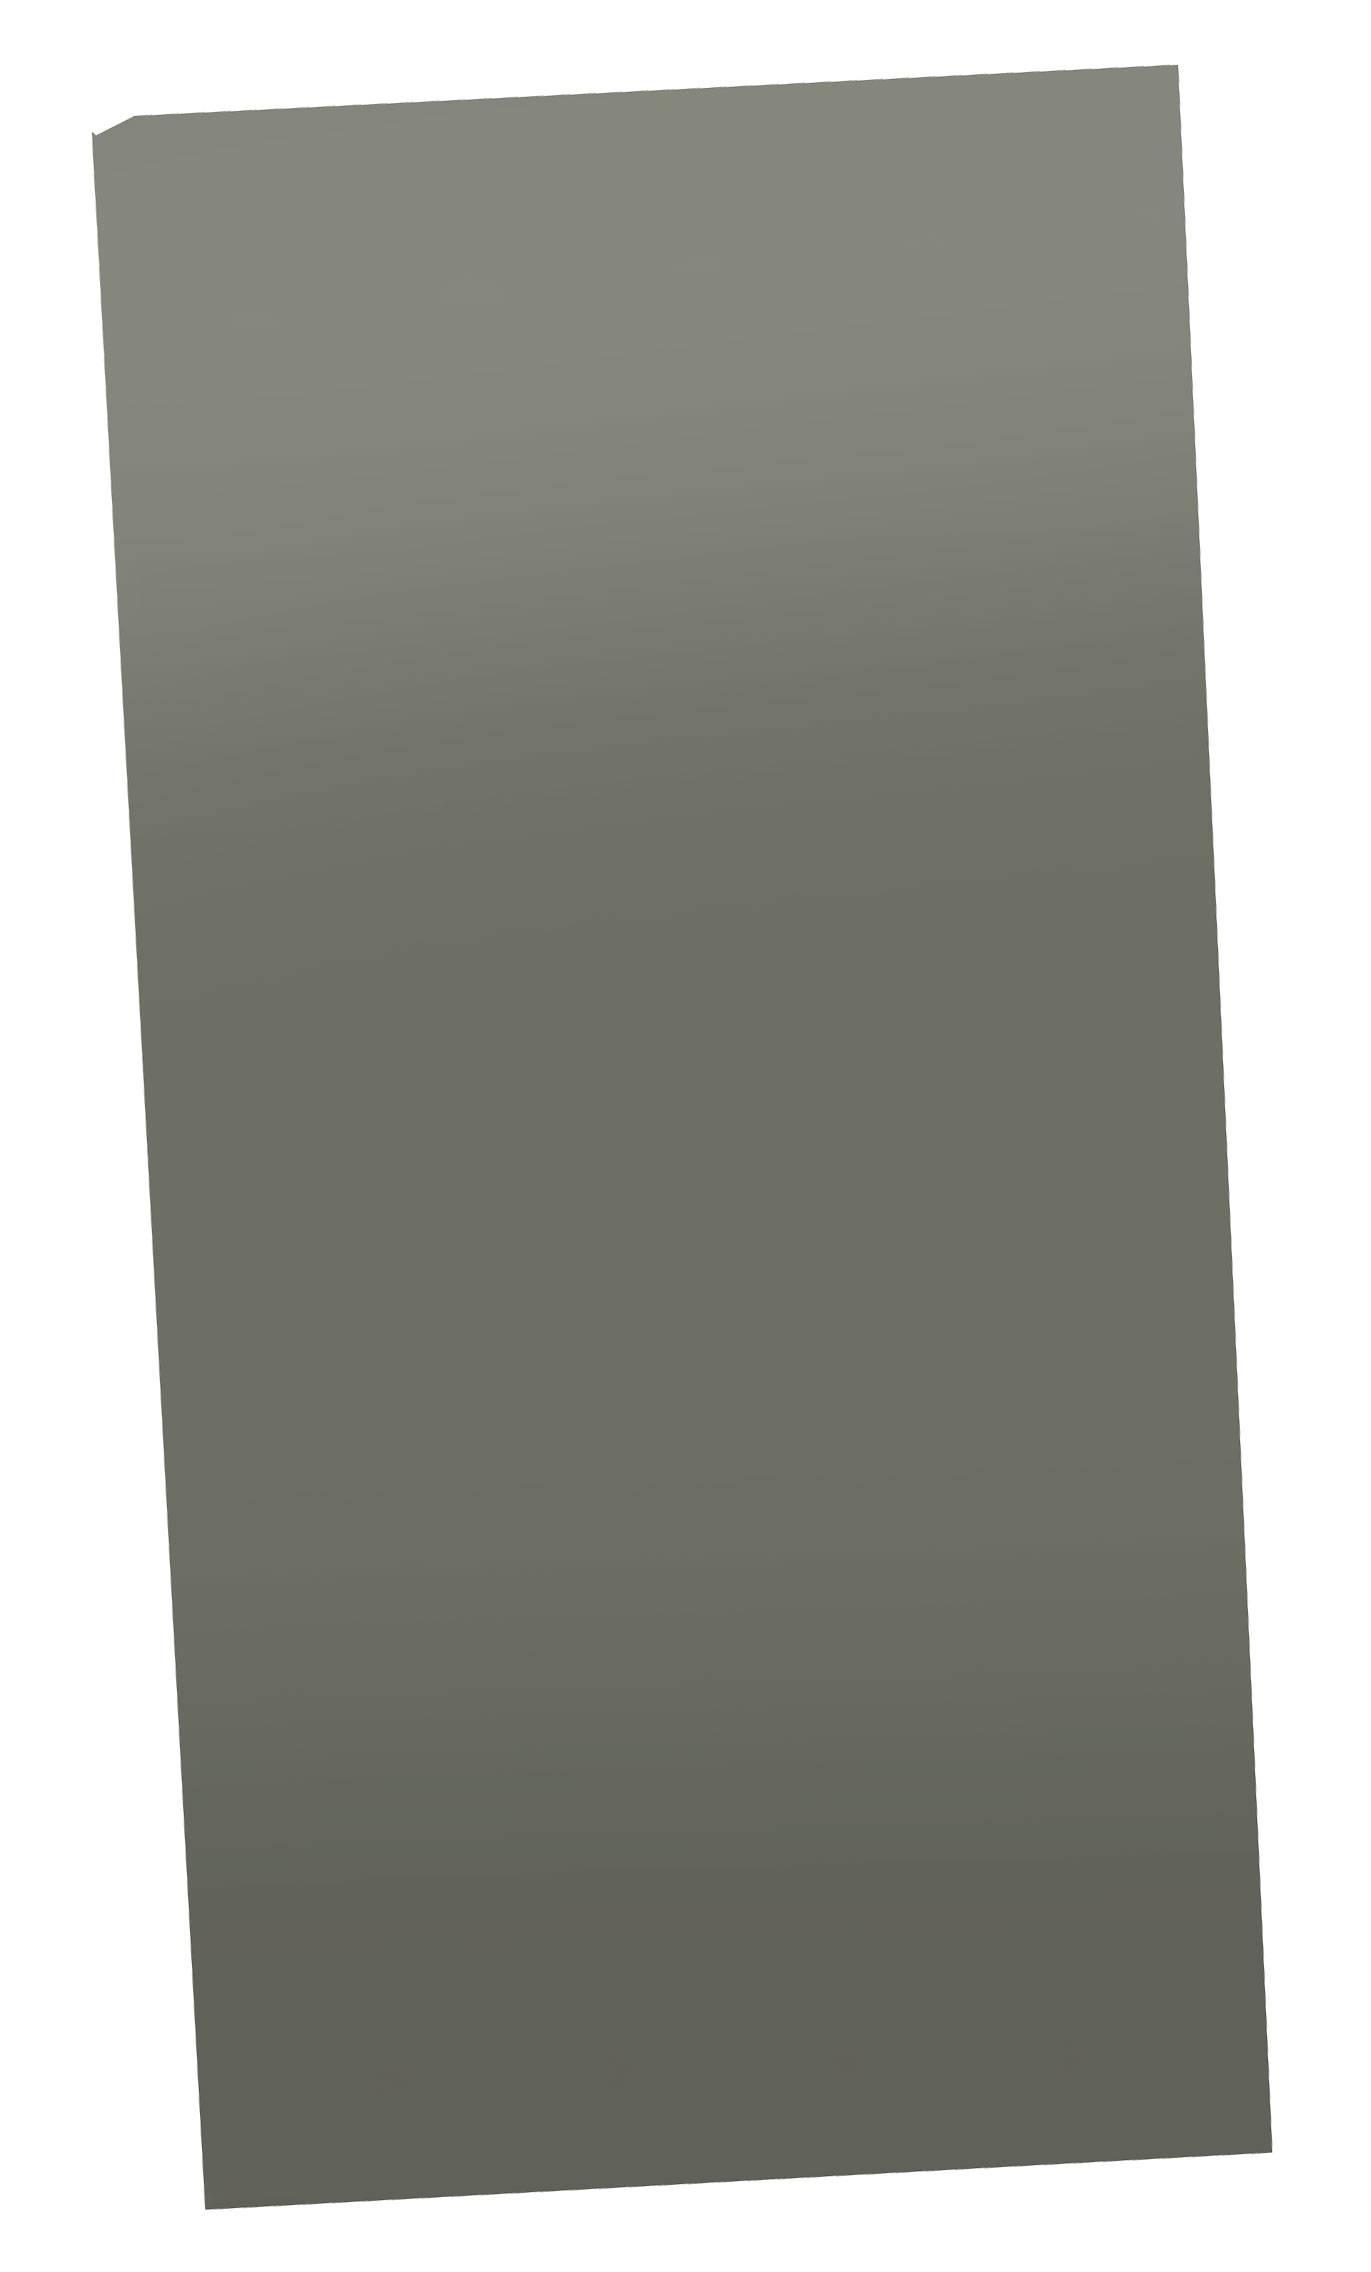 Čelný panel Strapubox Tworzywo sztuczne.Płyta czołowa: 215x111x2 mm, szara, 215 mm, umelá hmota, 1 ks